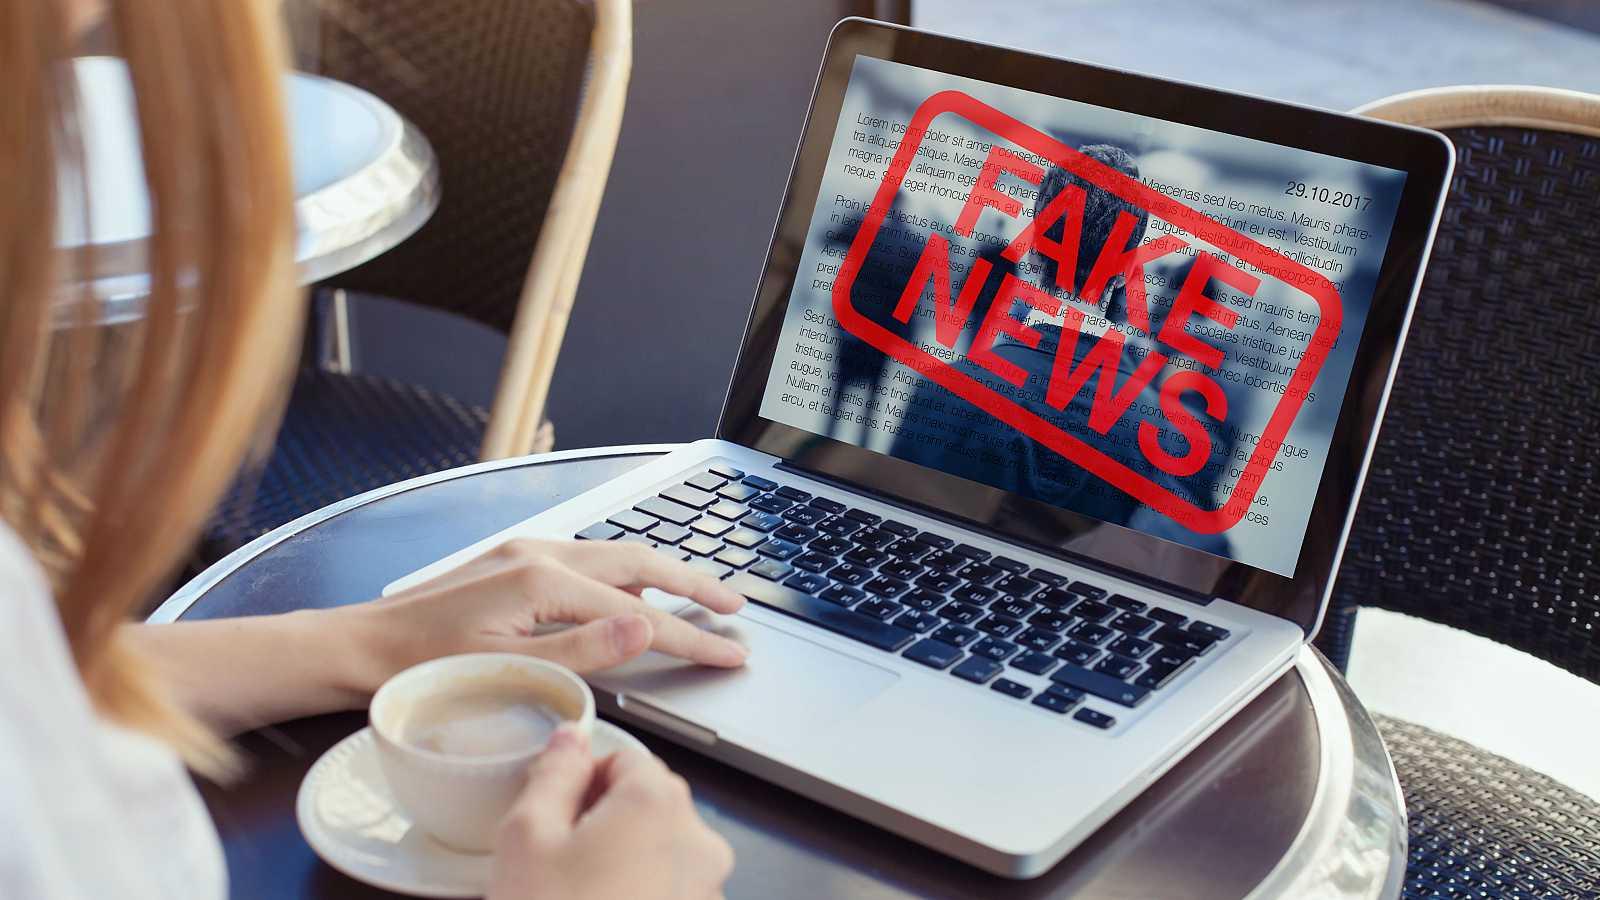 La crisis del COVID-19 dispara la 'pandemia de la desinformación'